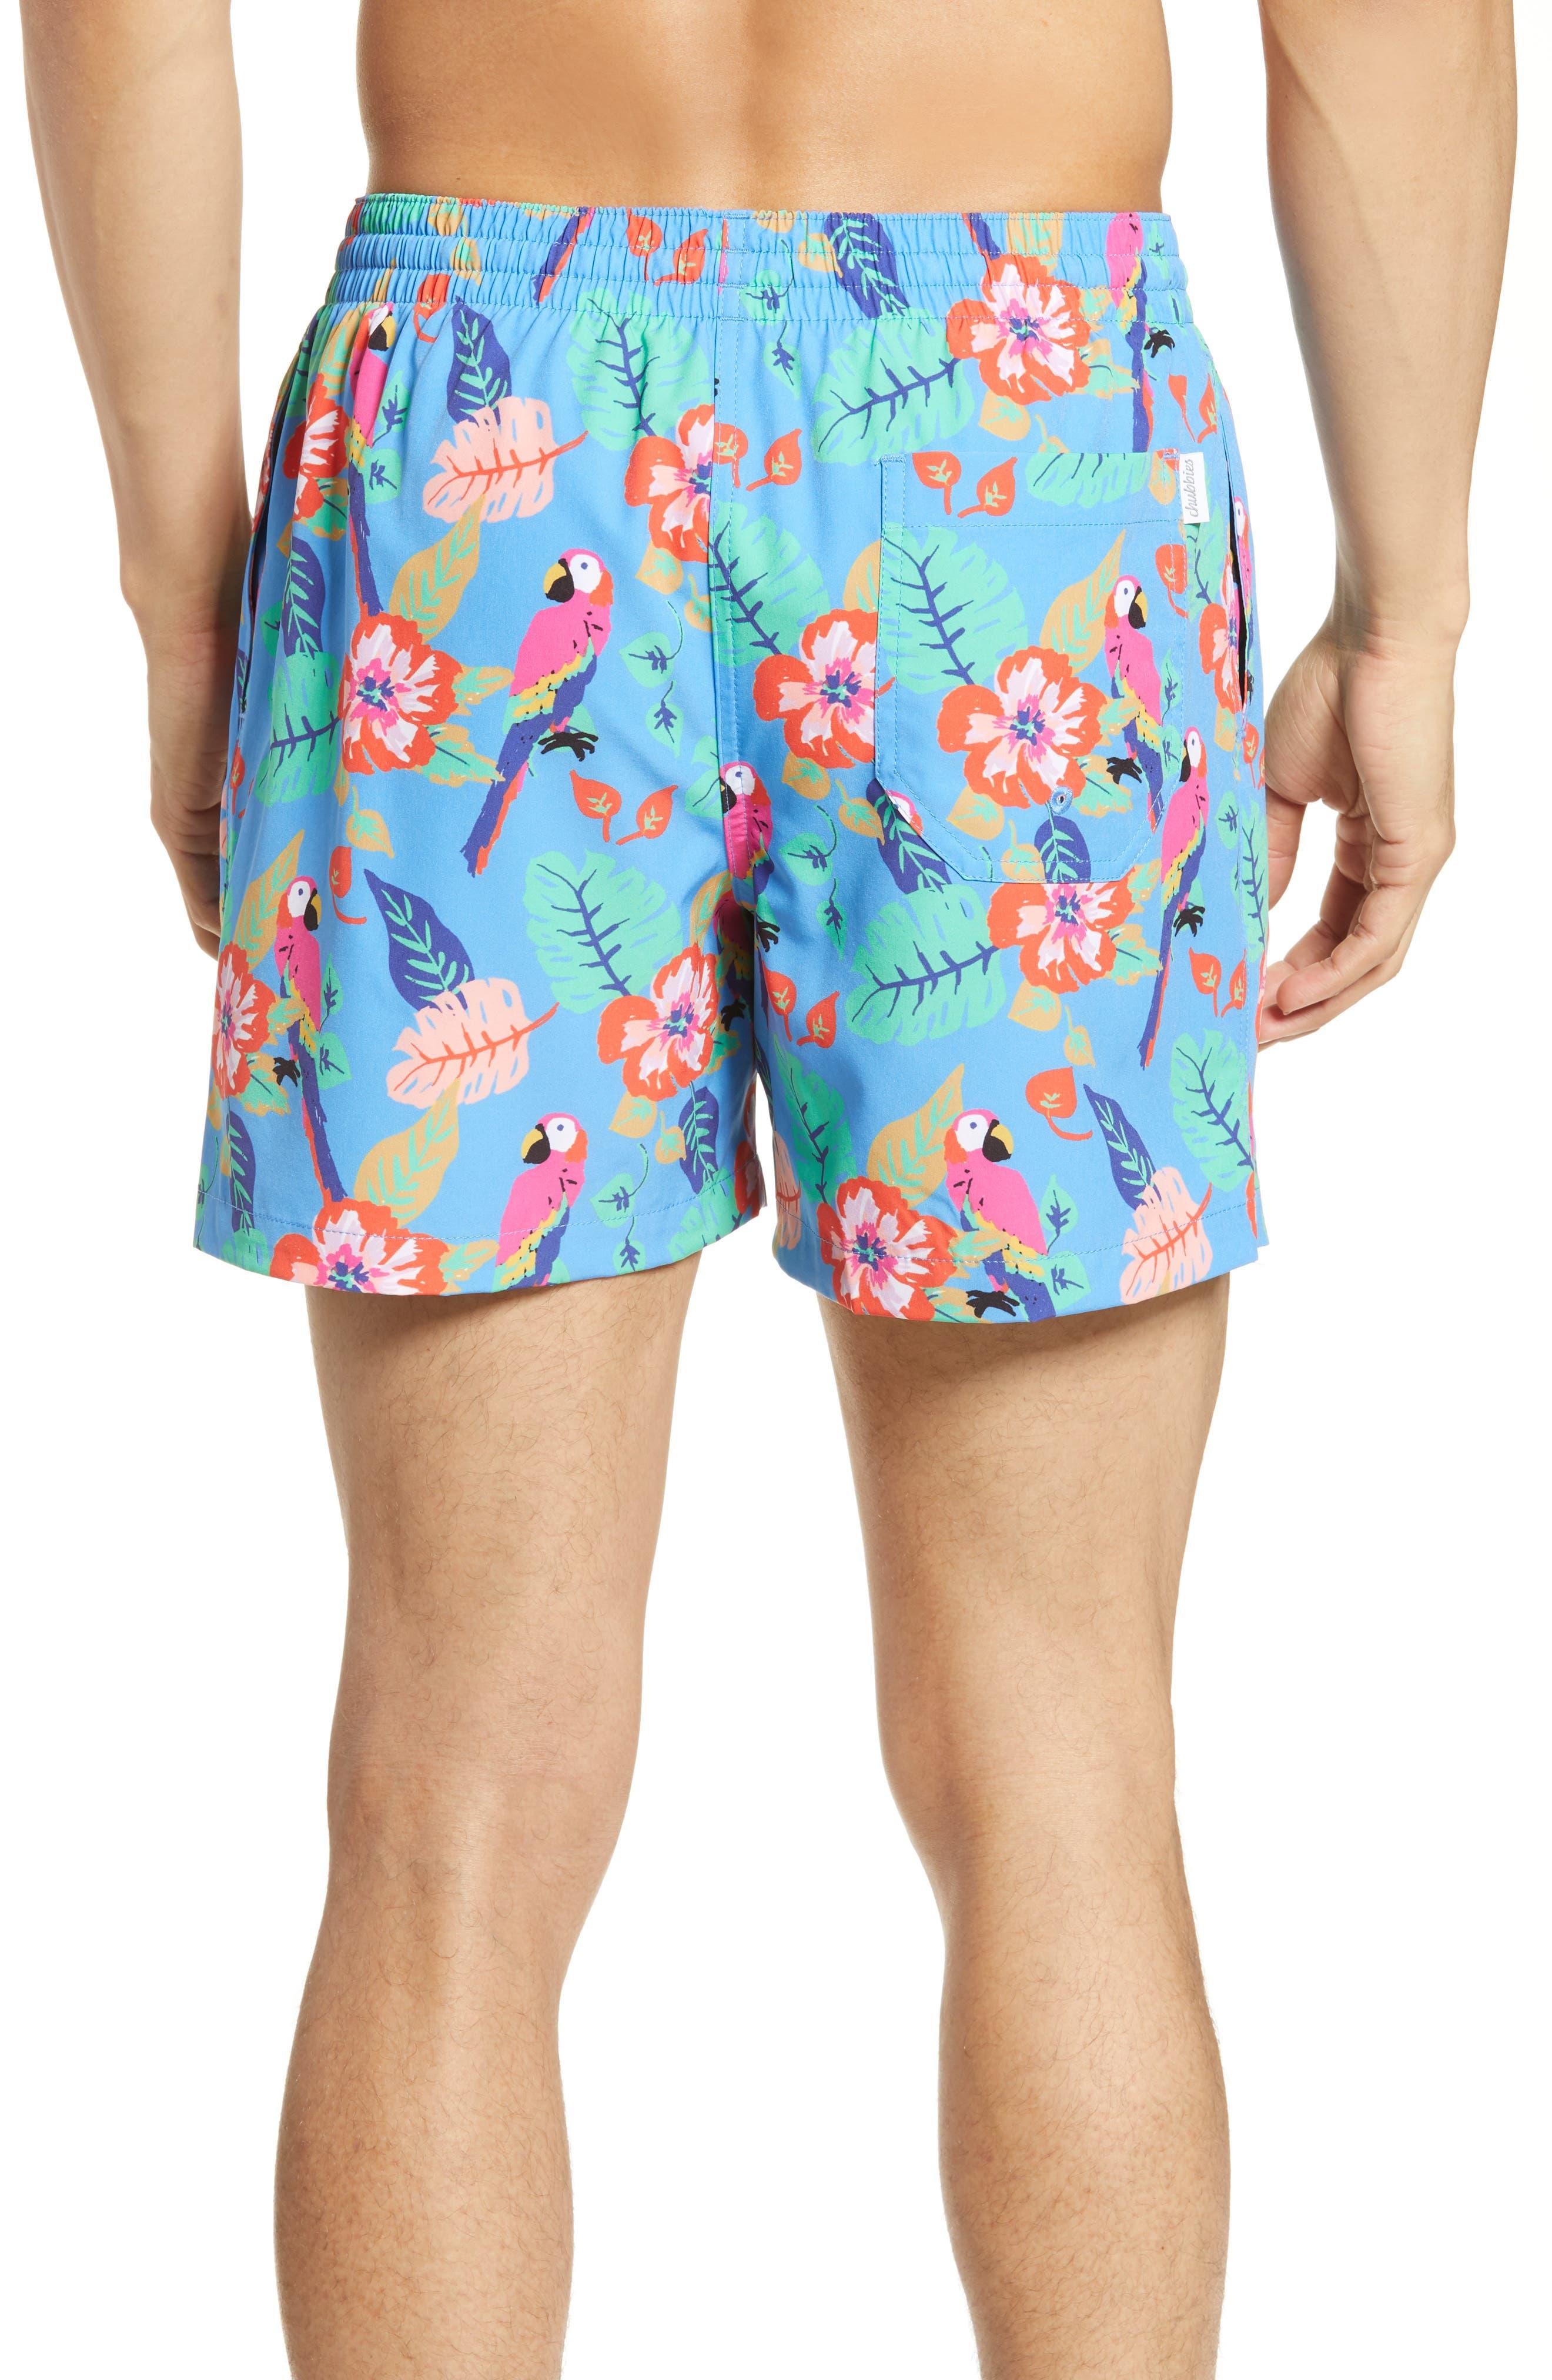 a617cbe8ce Men's Chubbies Swimwear, Boardshorts & Swim Trunks | Nordstrom